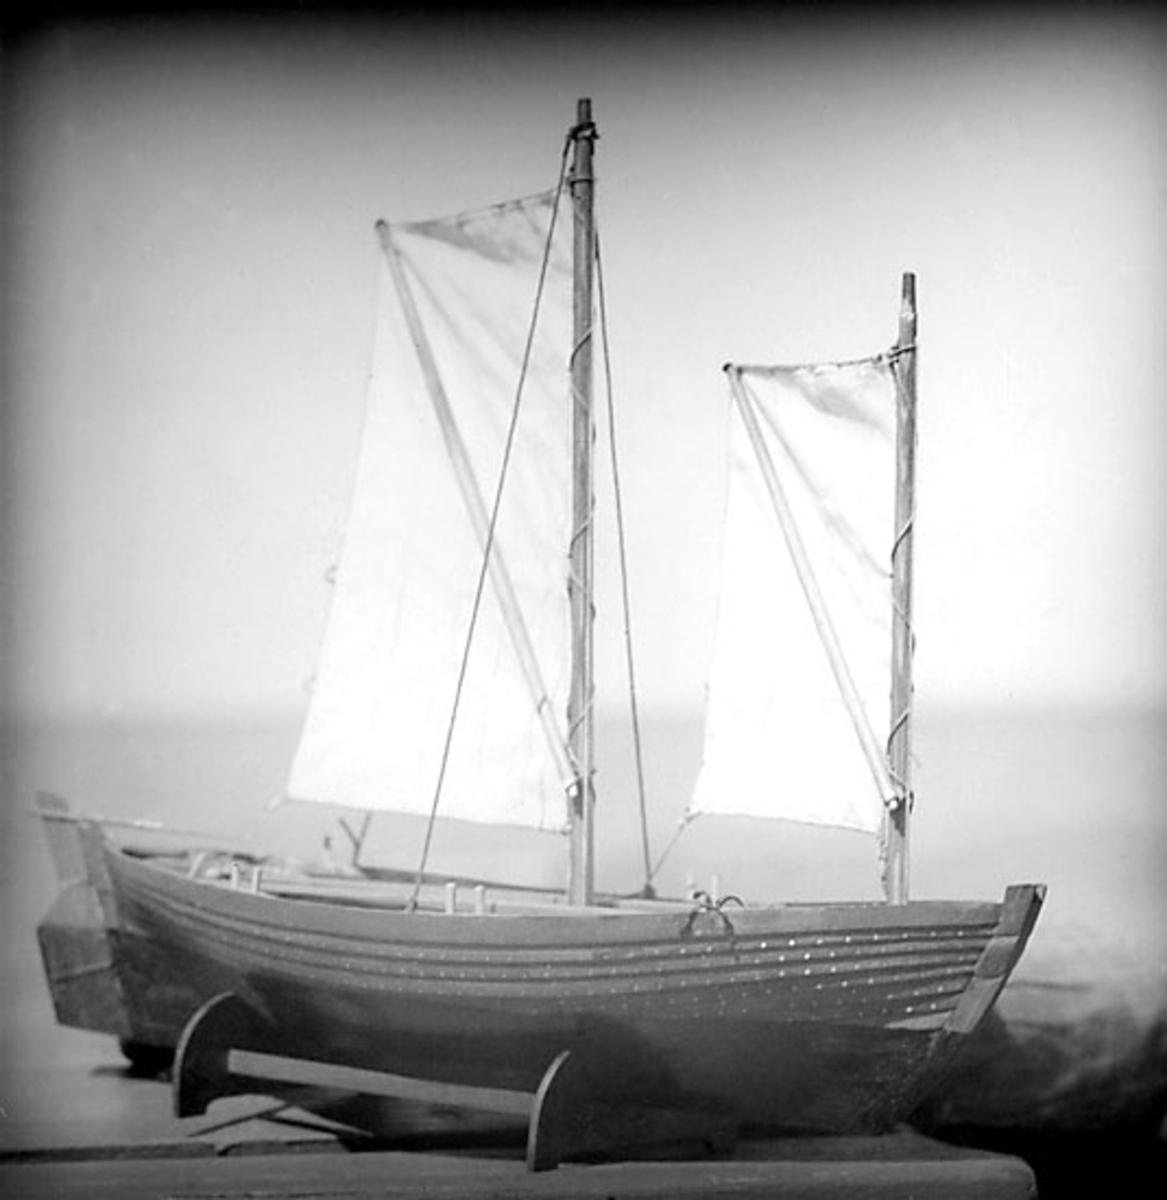 Skrivet på baksidan: Passbaad fra Skagen, til Skagens Museum